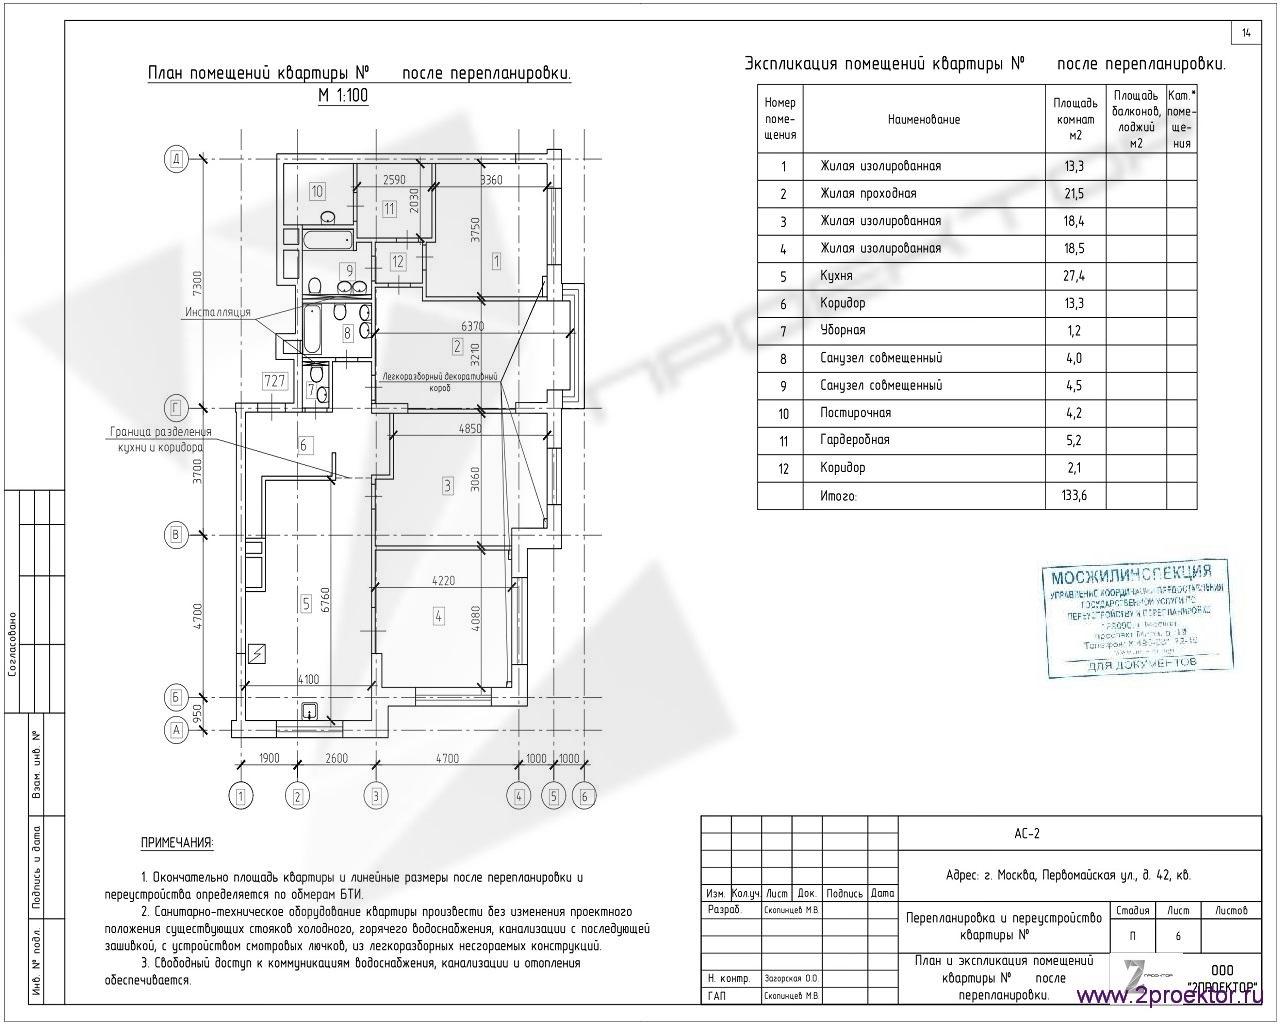 Вариант планировки квартиры в Жилом комплексе Измайловский лес, разработанный специалистами ООО «2Проектор» и согласованный Мосжилинспекцией.